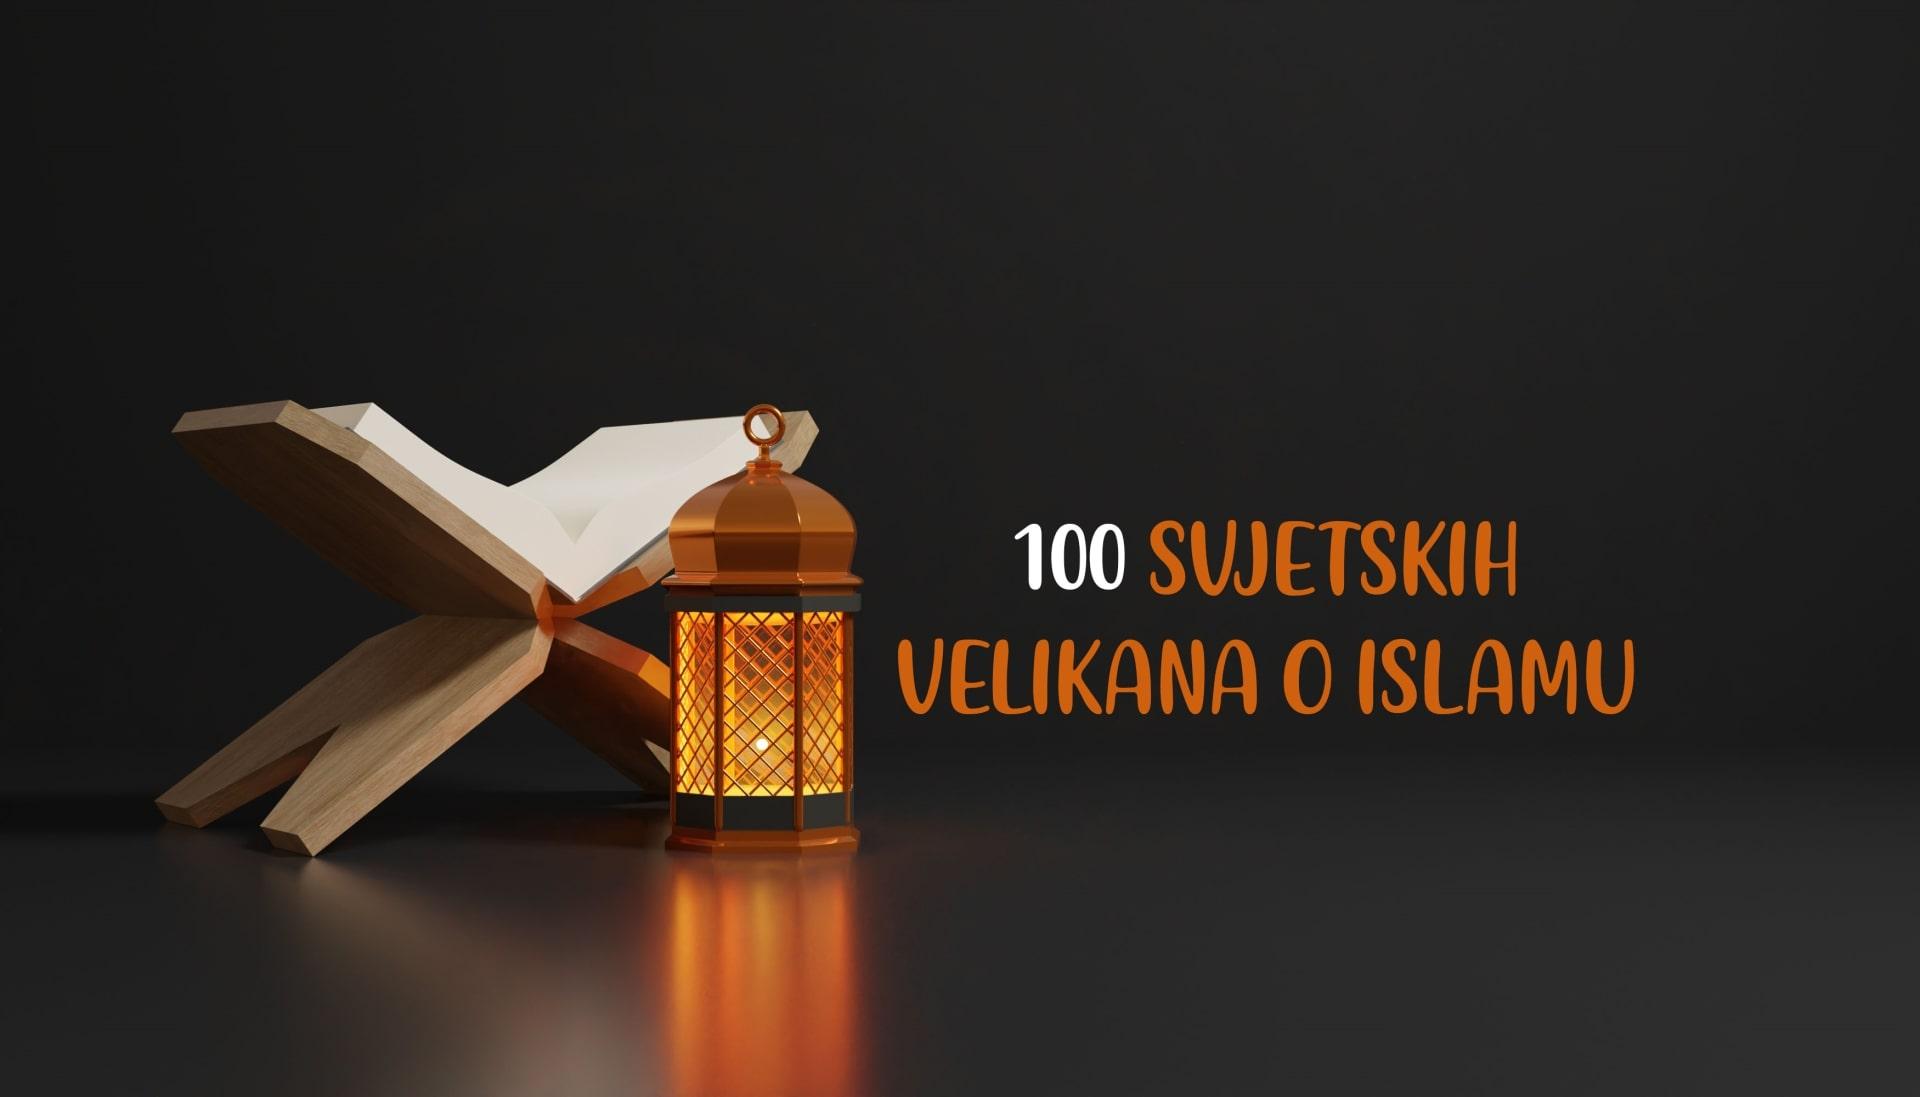 100 svjetskih velikana o islamu - Alen Maler